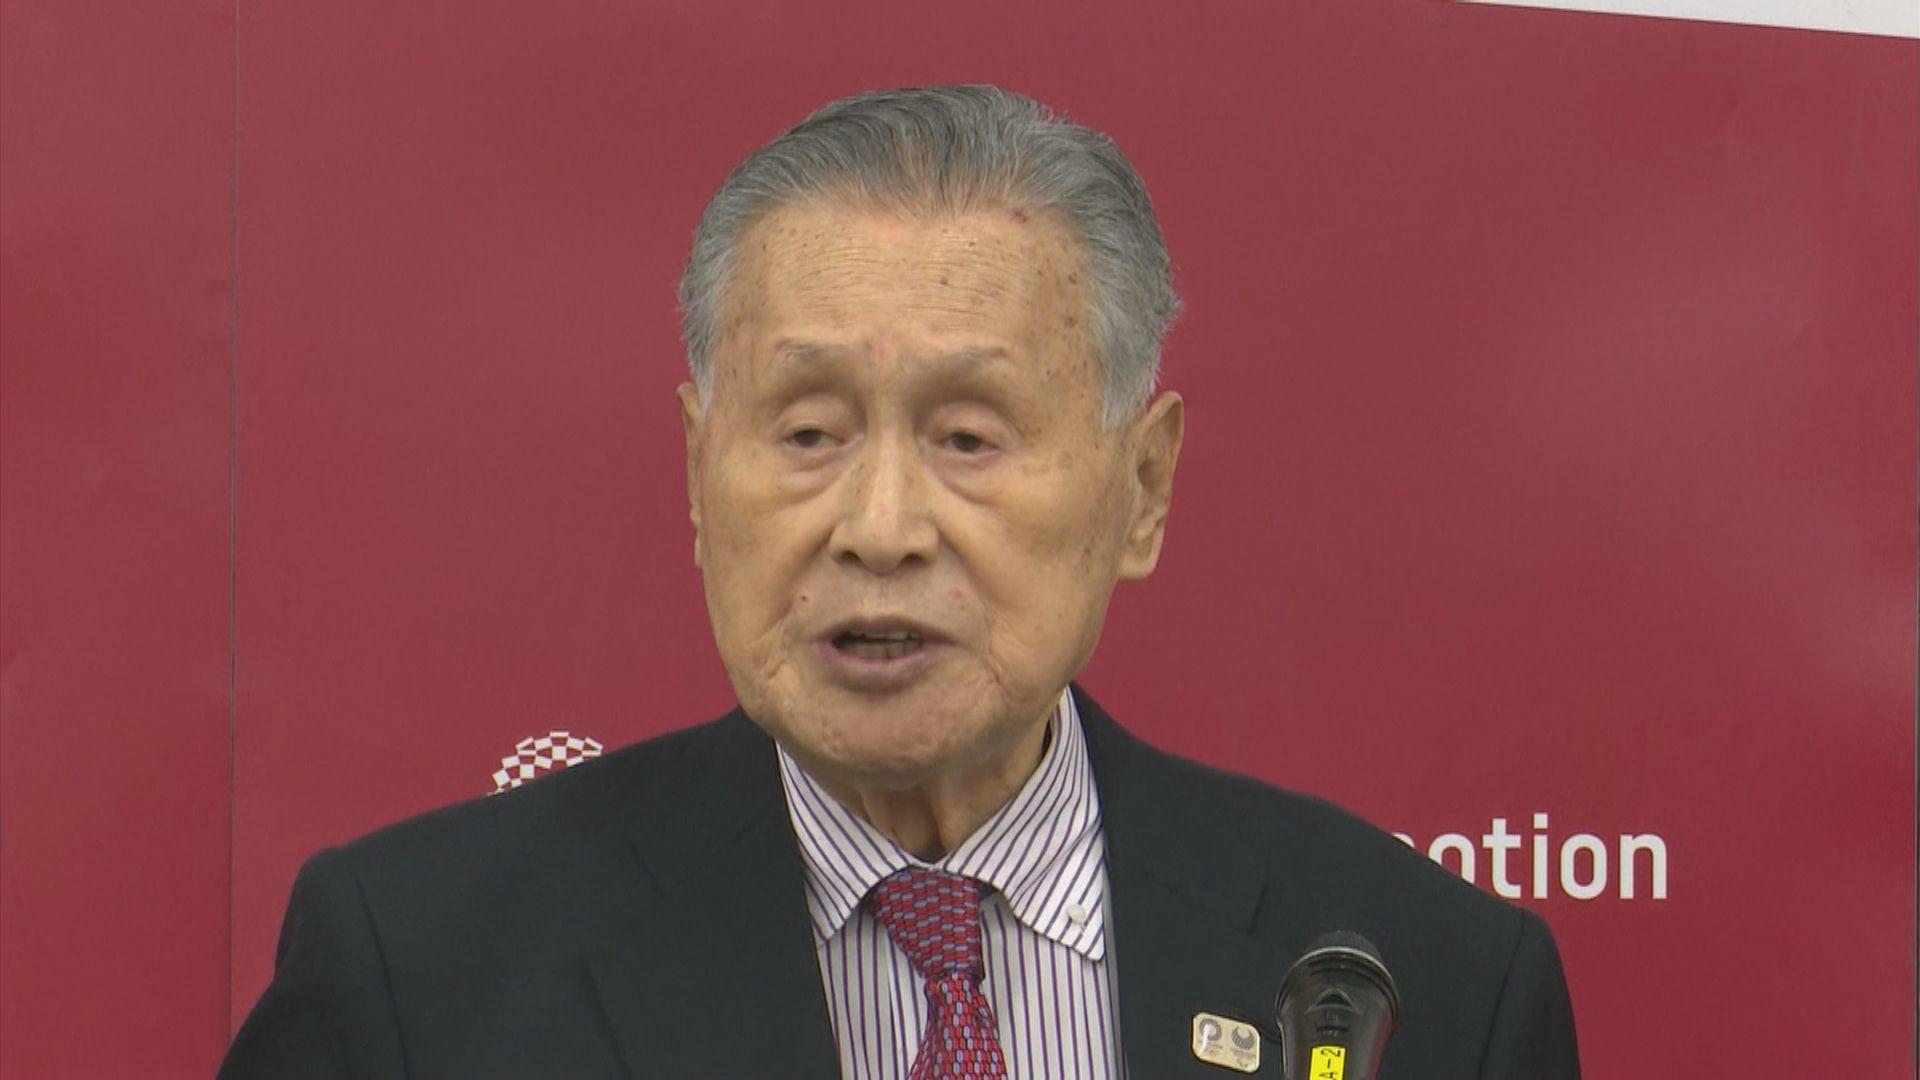 東京奧組委主席森喜朗就輕視女性言論道歉